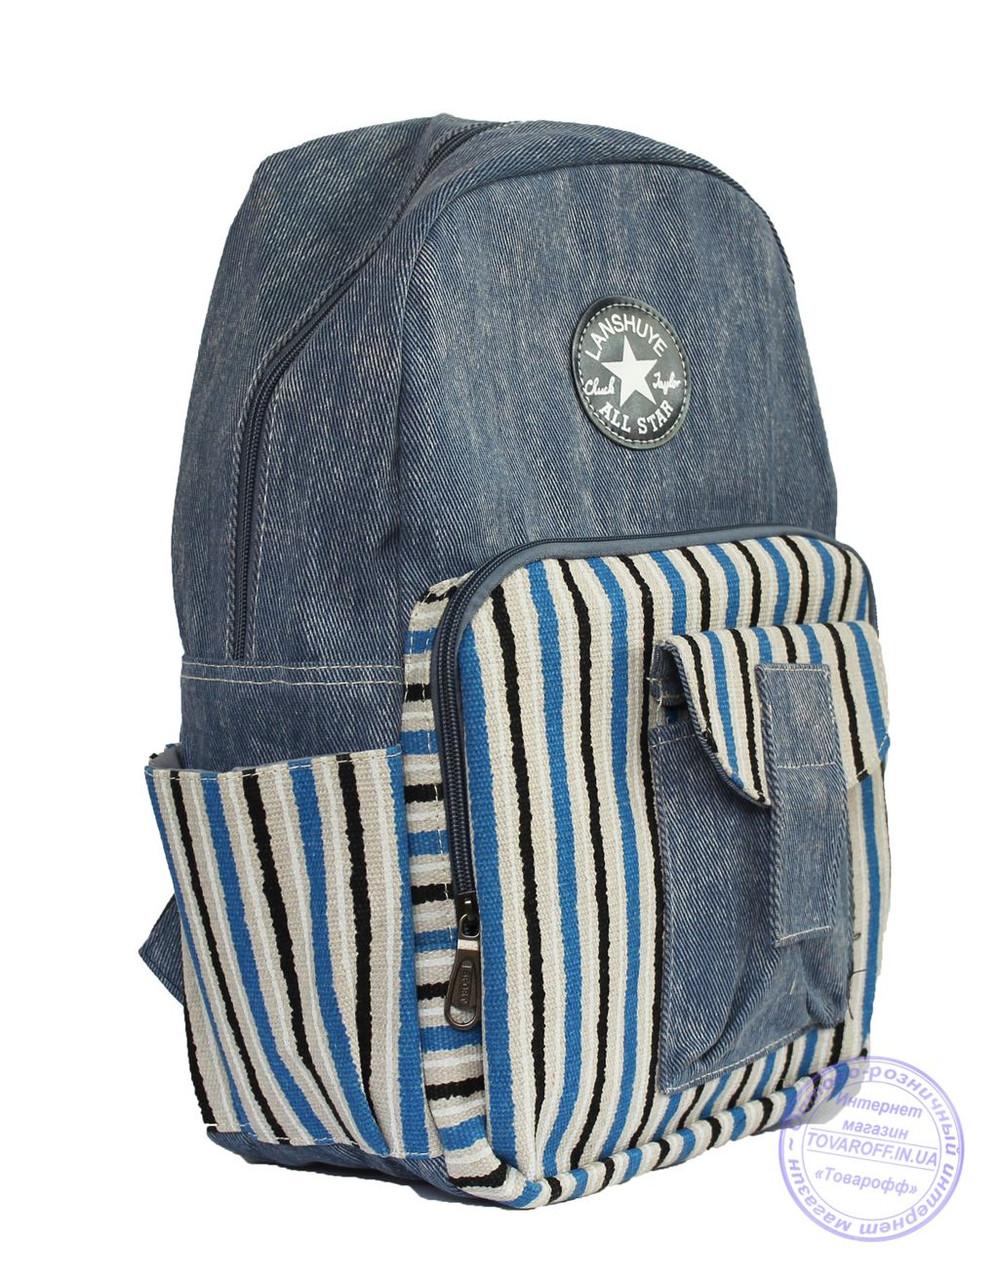 Молодежный джинсовый рюкзак - 8153